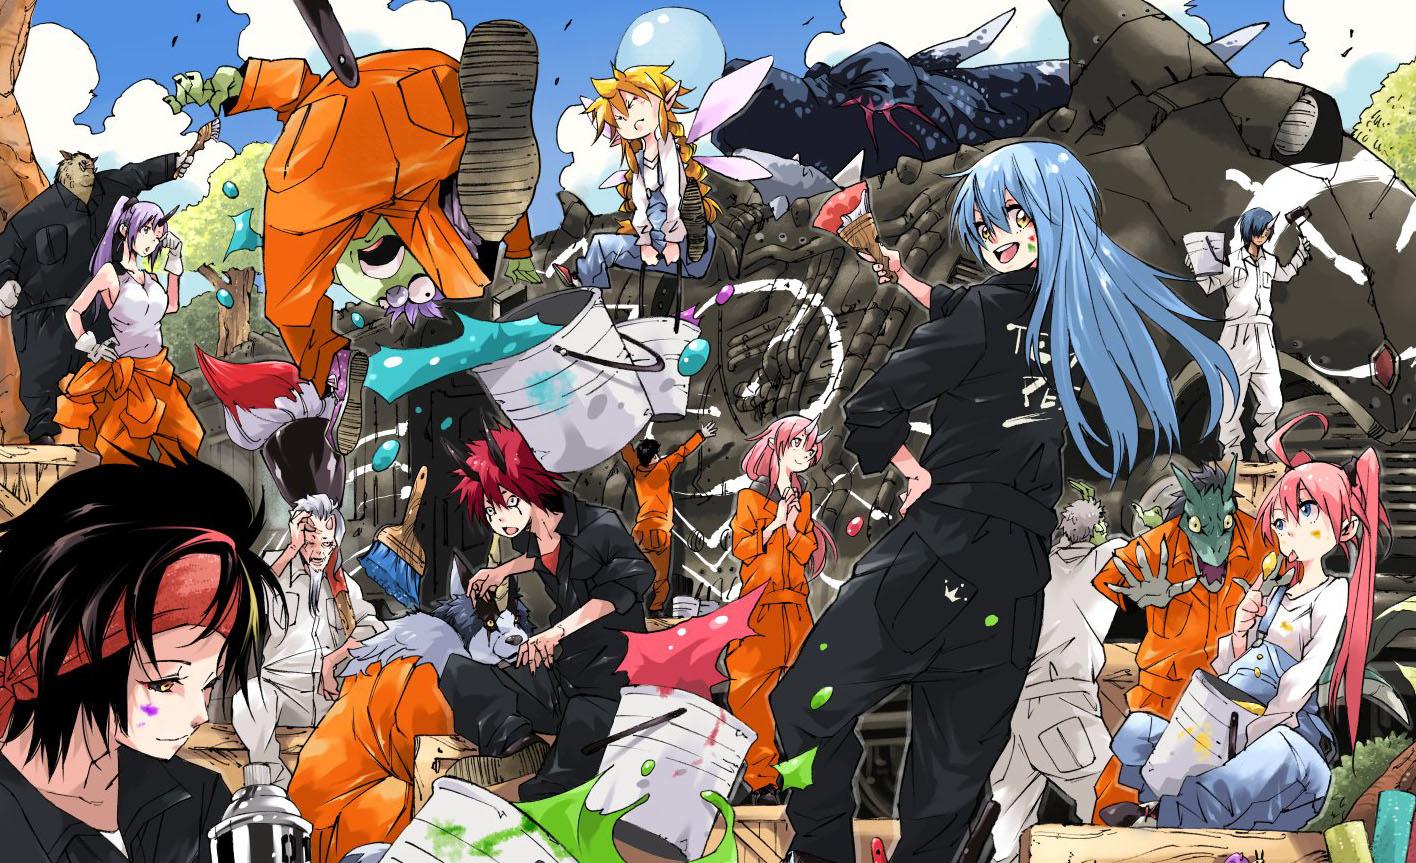 أنمي هذه المرة تجسدت على شكل سلايم الموسم الثاني : Tensei shitara Slime Datta Ken season 2